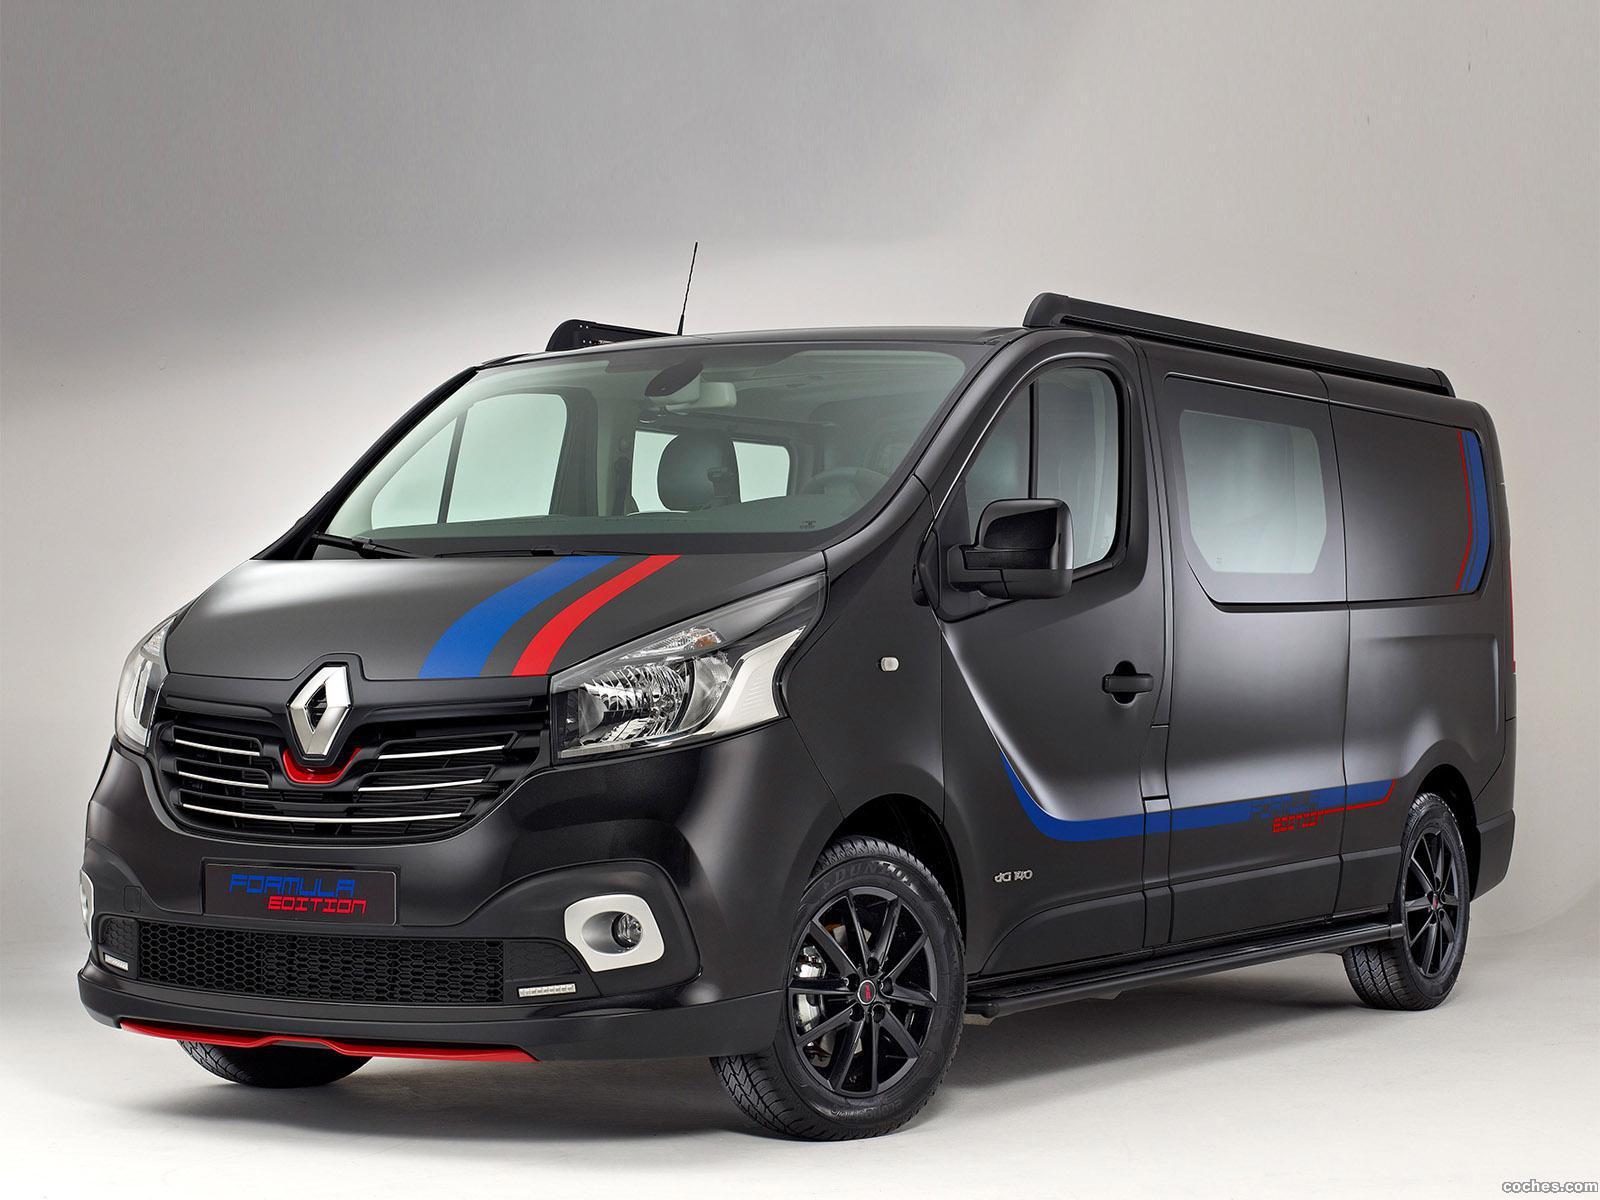 Foto 0 de Renault Formula Edition 2015